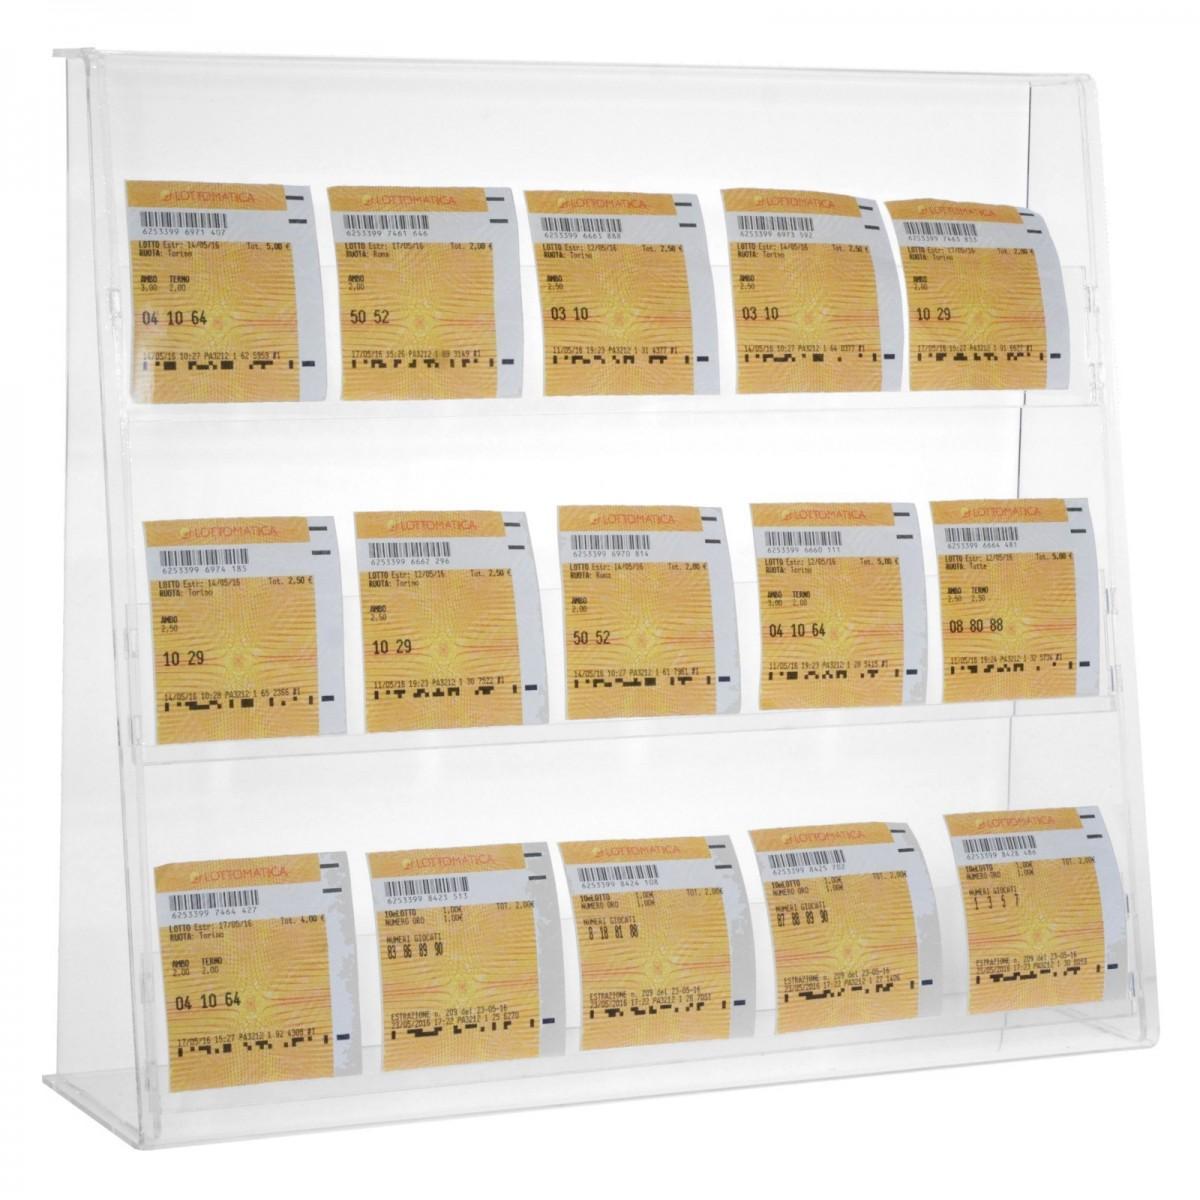 E-401 ECB-A - Espositore porta cedole giocate a 3 tasche realizzato in plexiglass trasparente